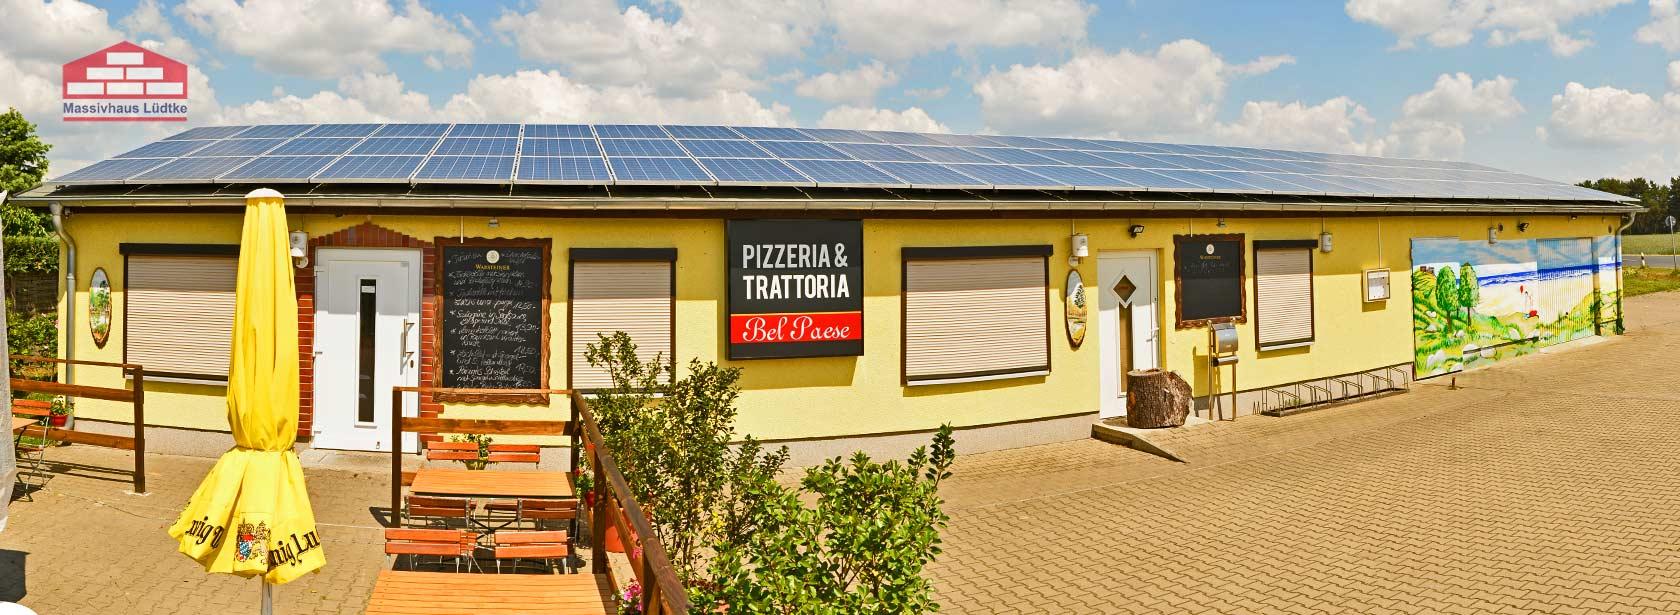 Massivhaus mit Solar-Photovoltaik Anlage